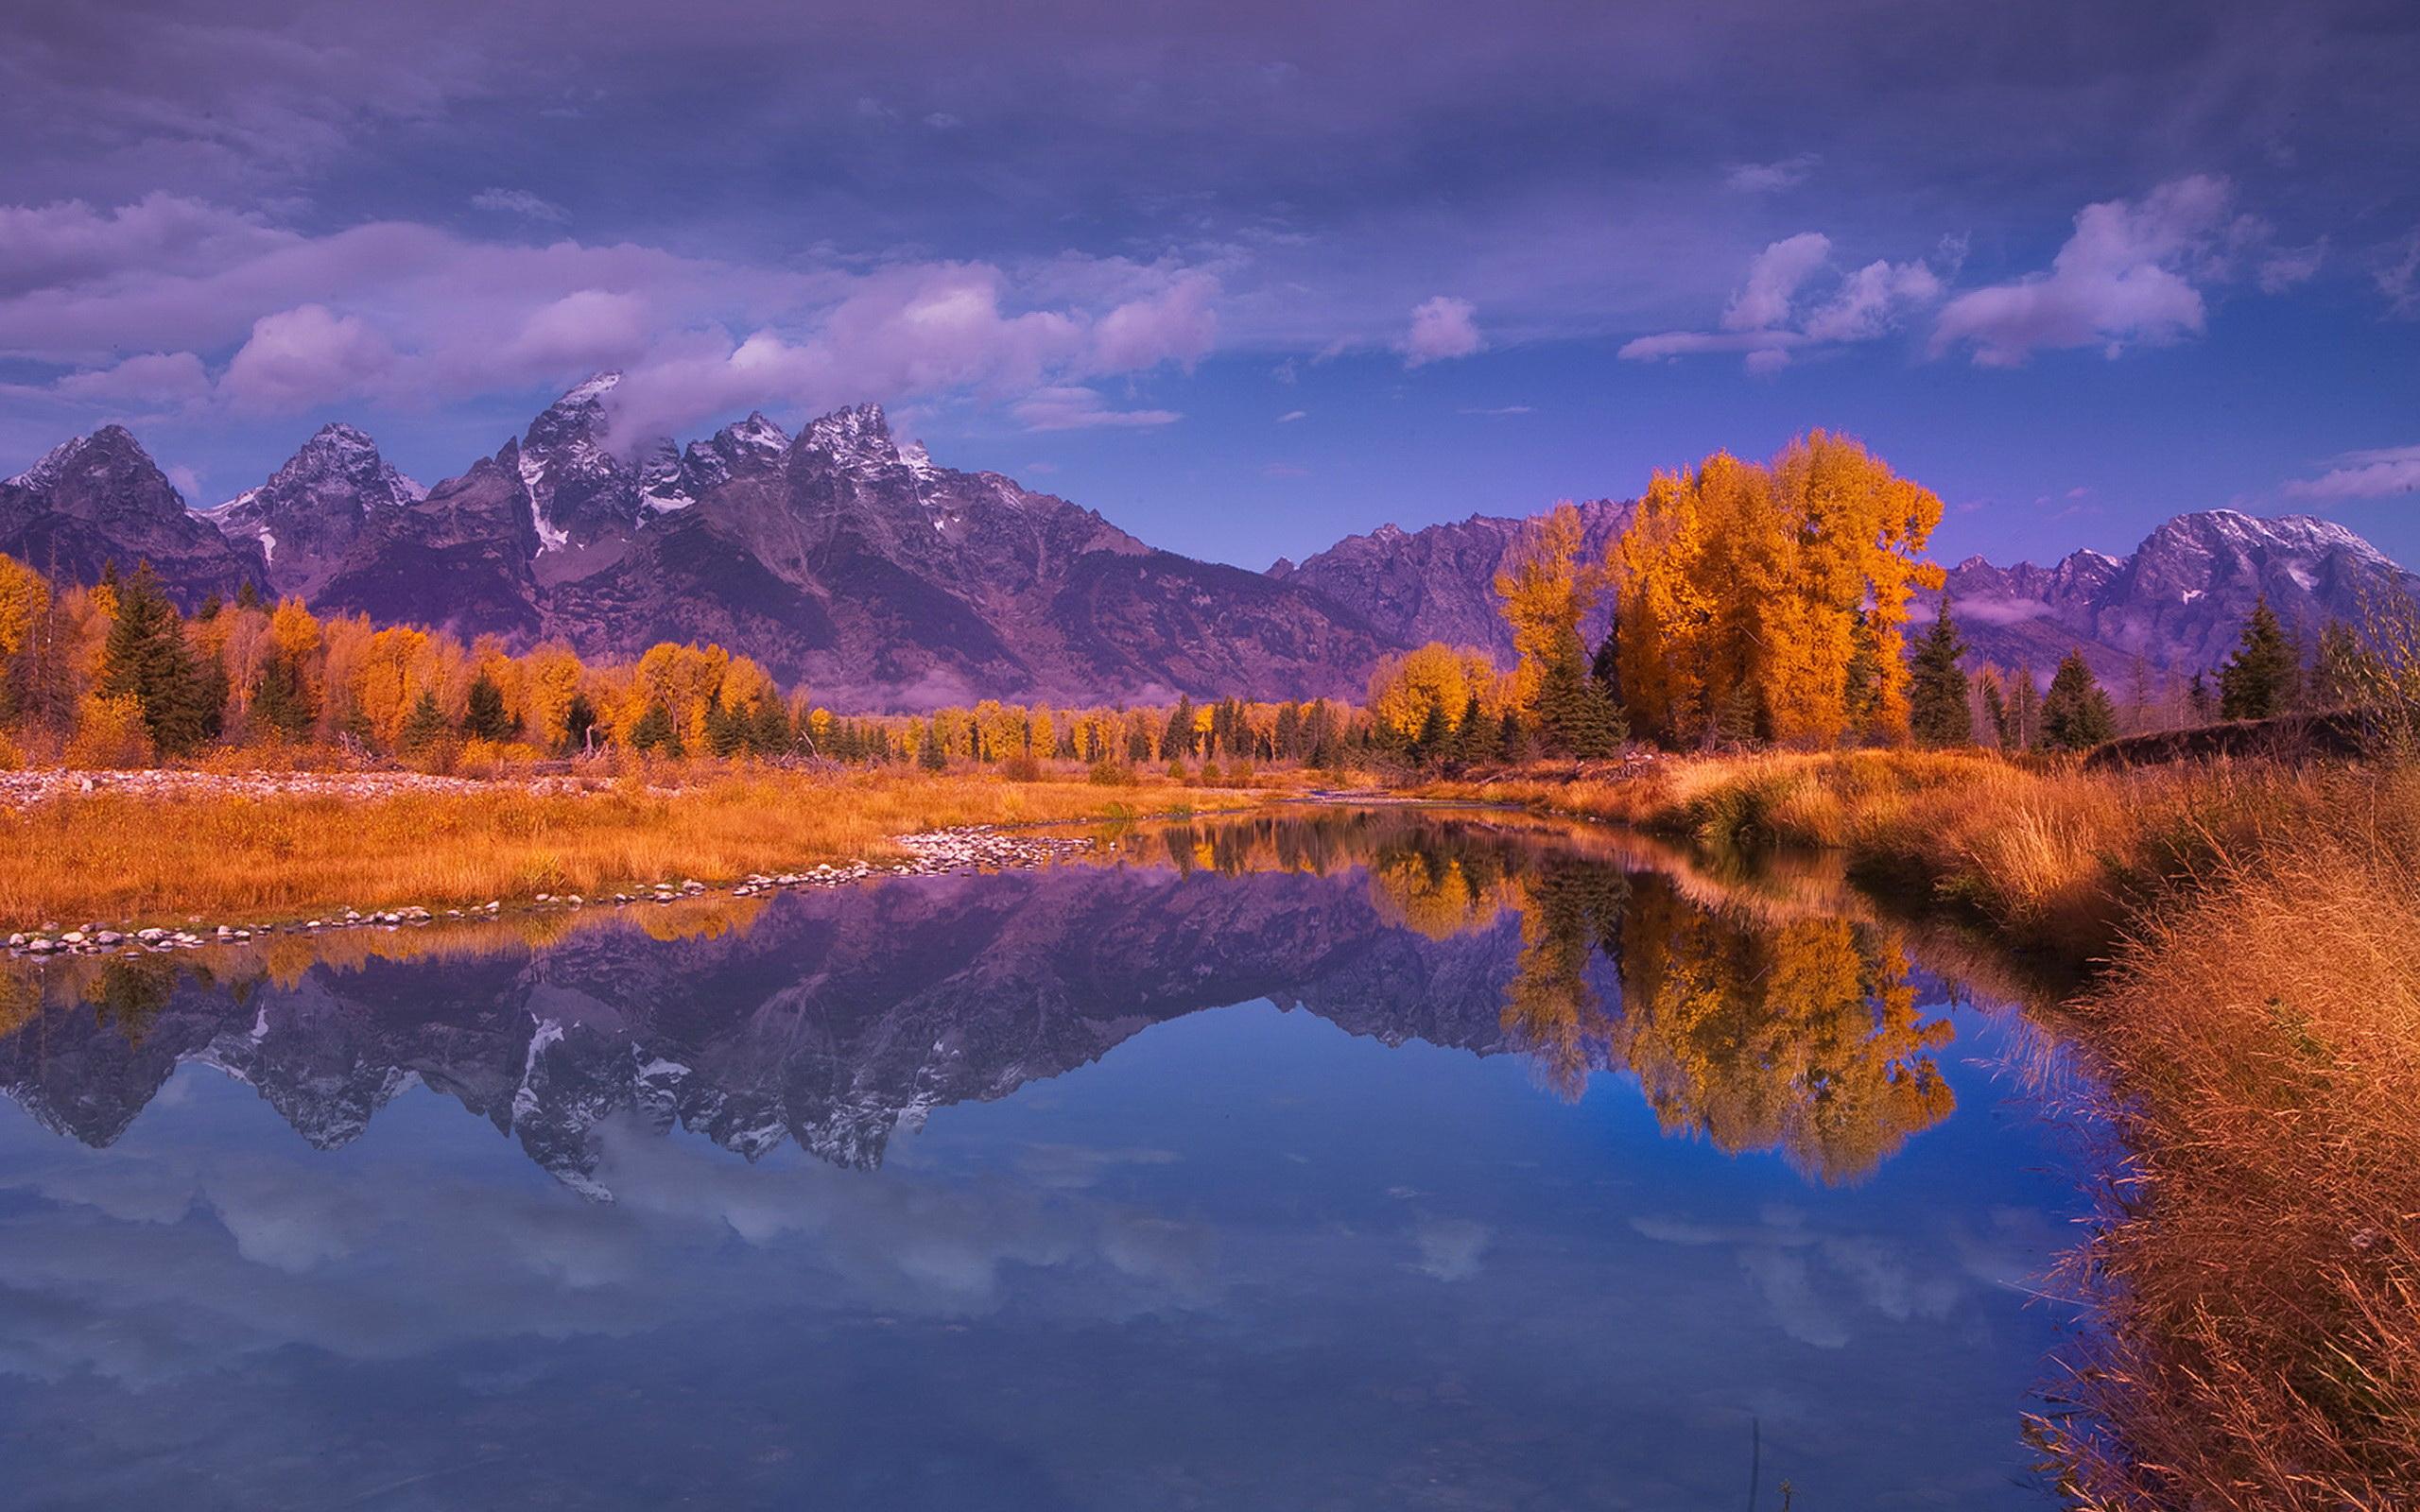 природа деревья осень озеро отражение горы бесплатно